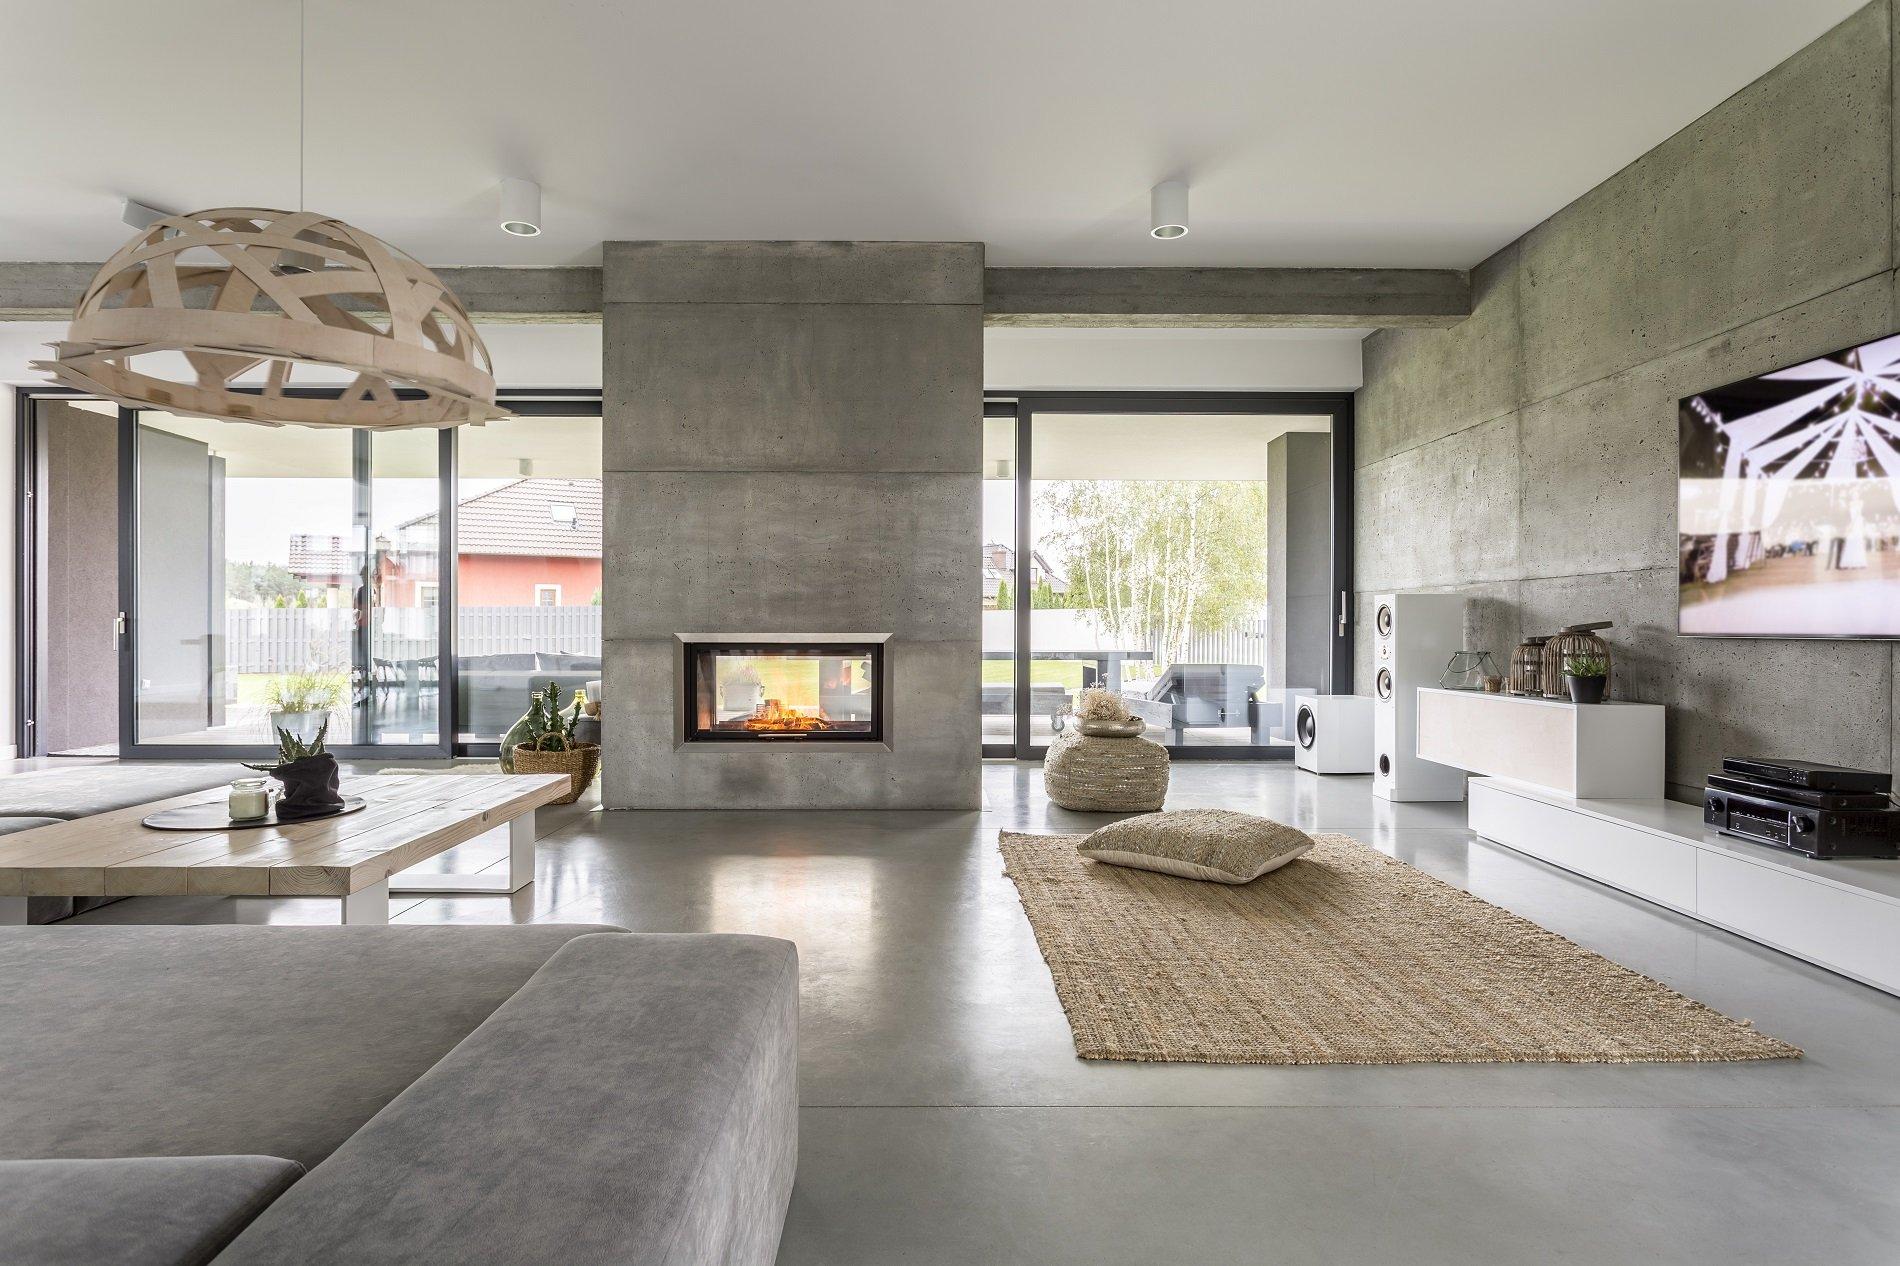 Ristrutturare casa come risolvere il problema n 1 a chi devo rivolgermi le scelte da non fare - Come risolvere il problema dell umidita in casa ...